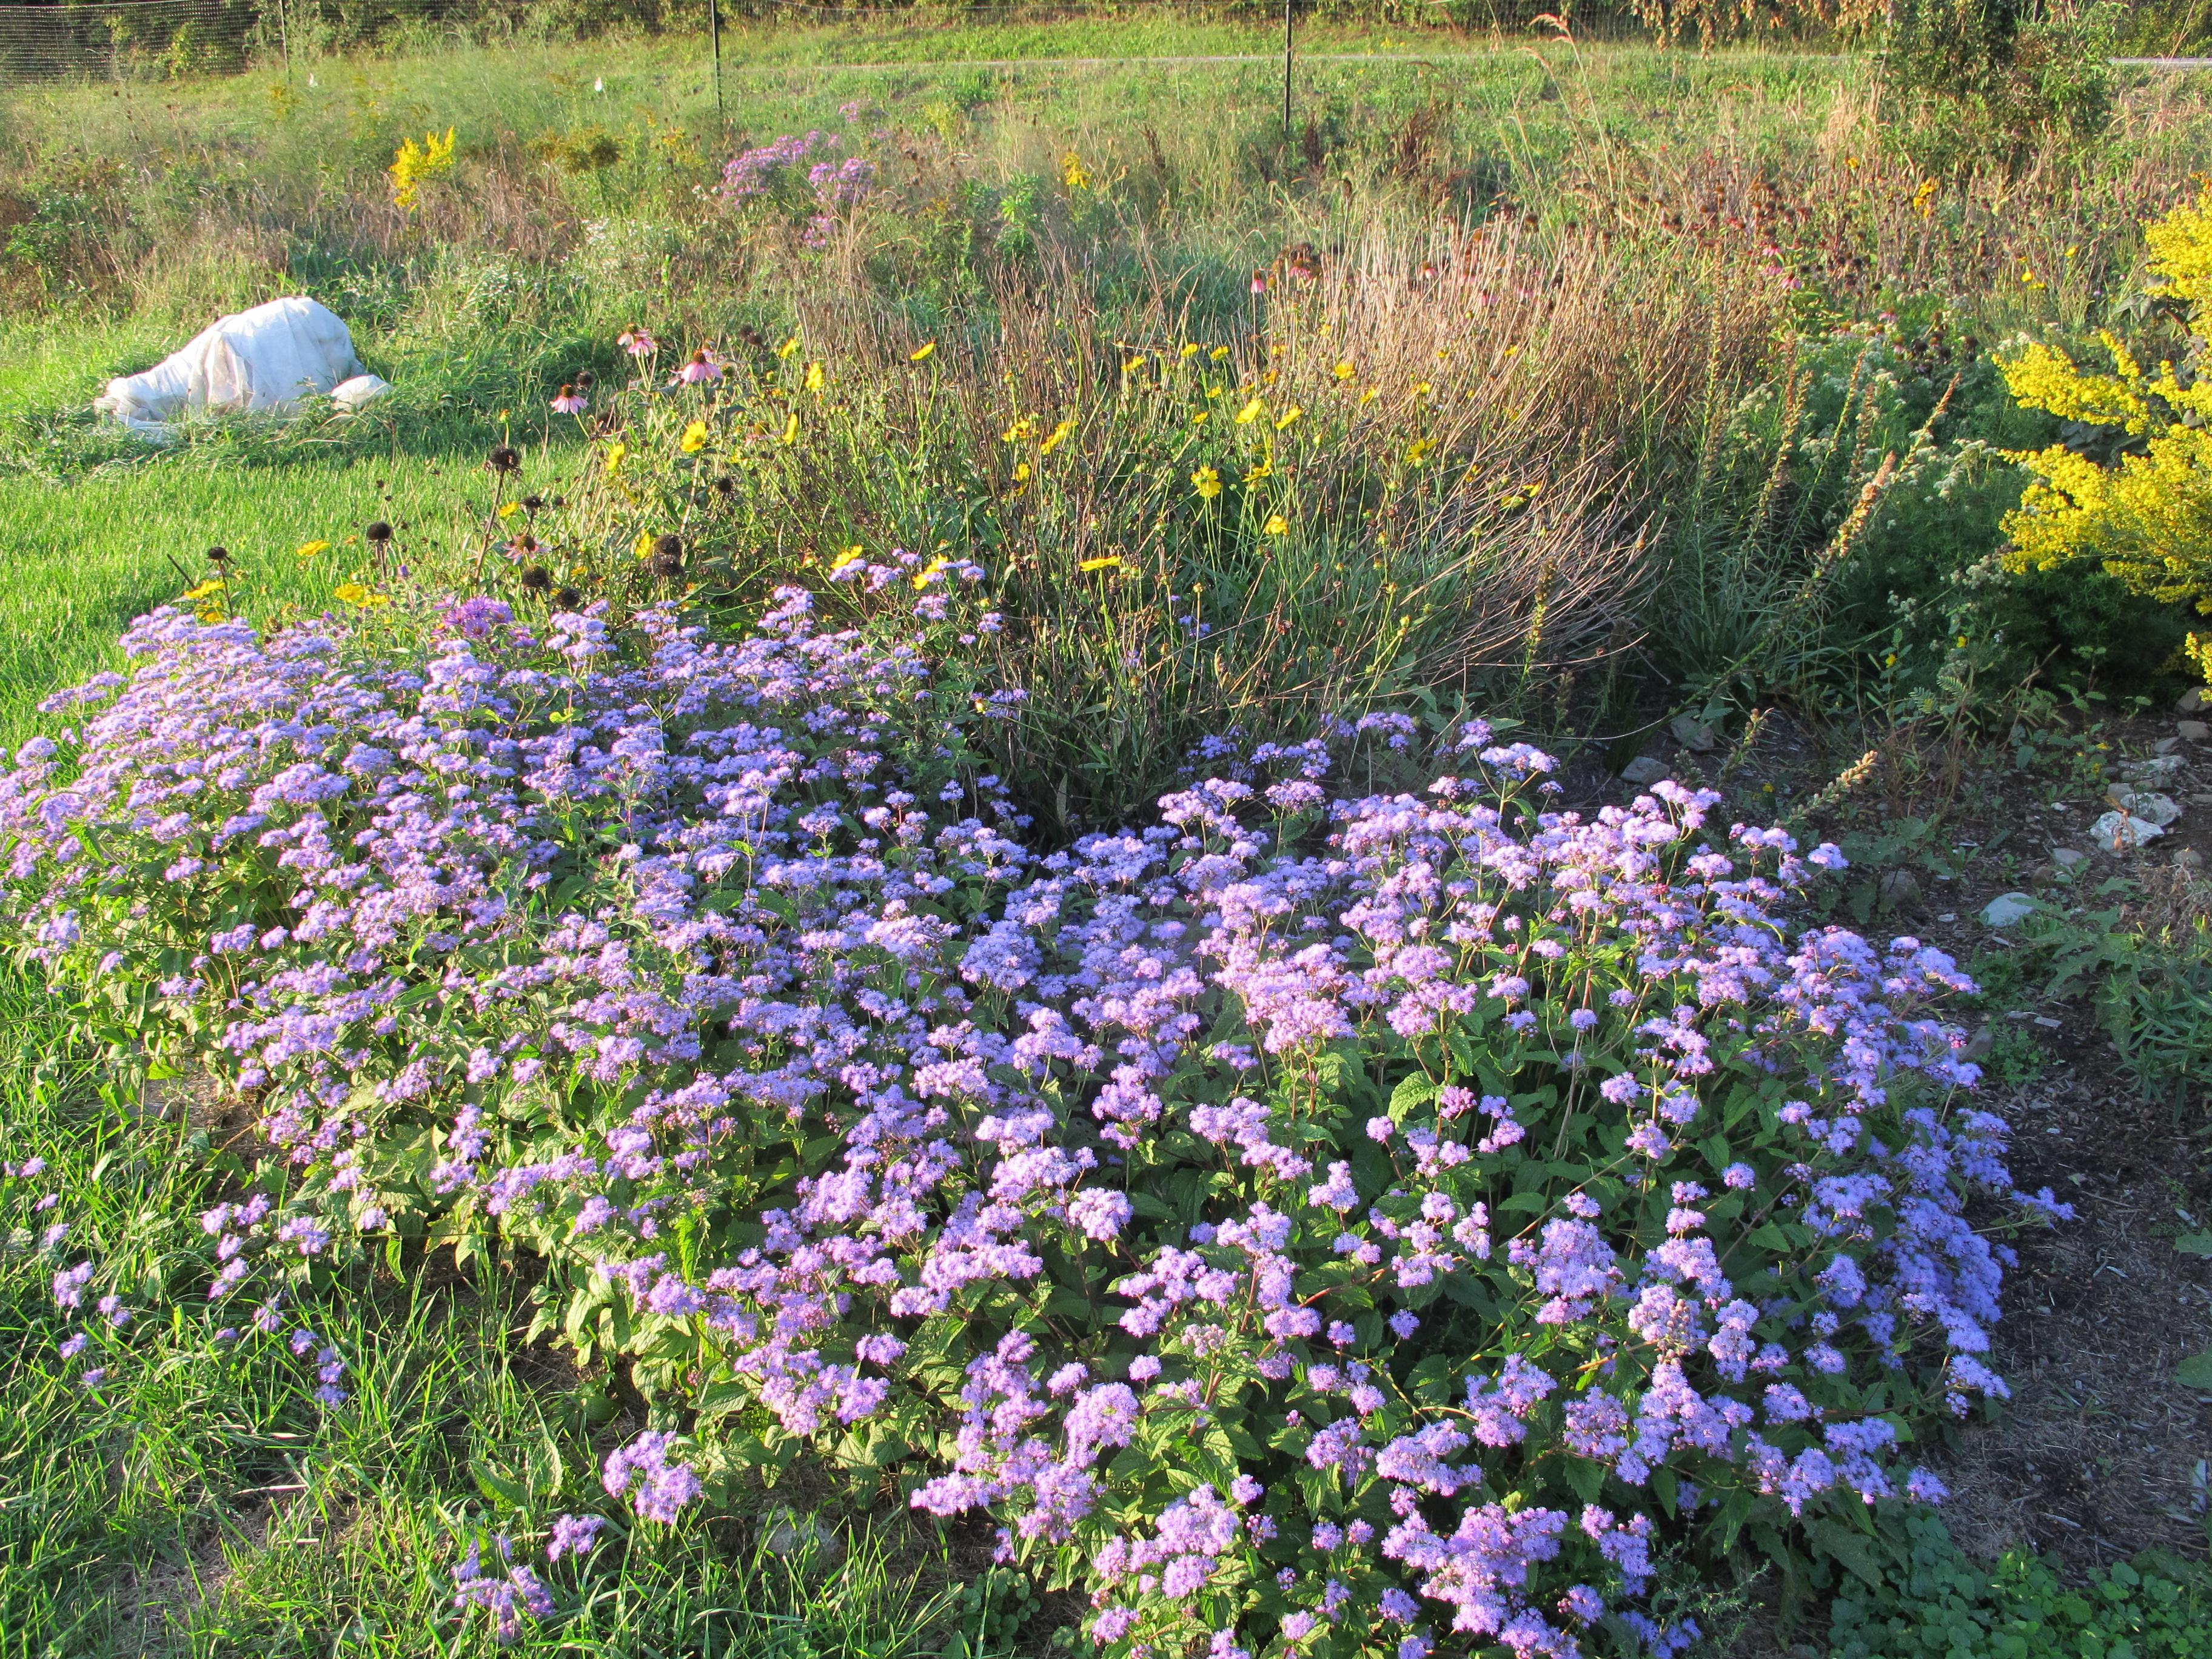 beautiful blueish purple flowers of blue mistflower